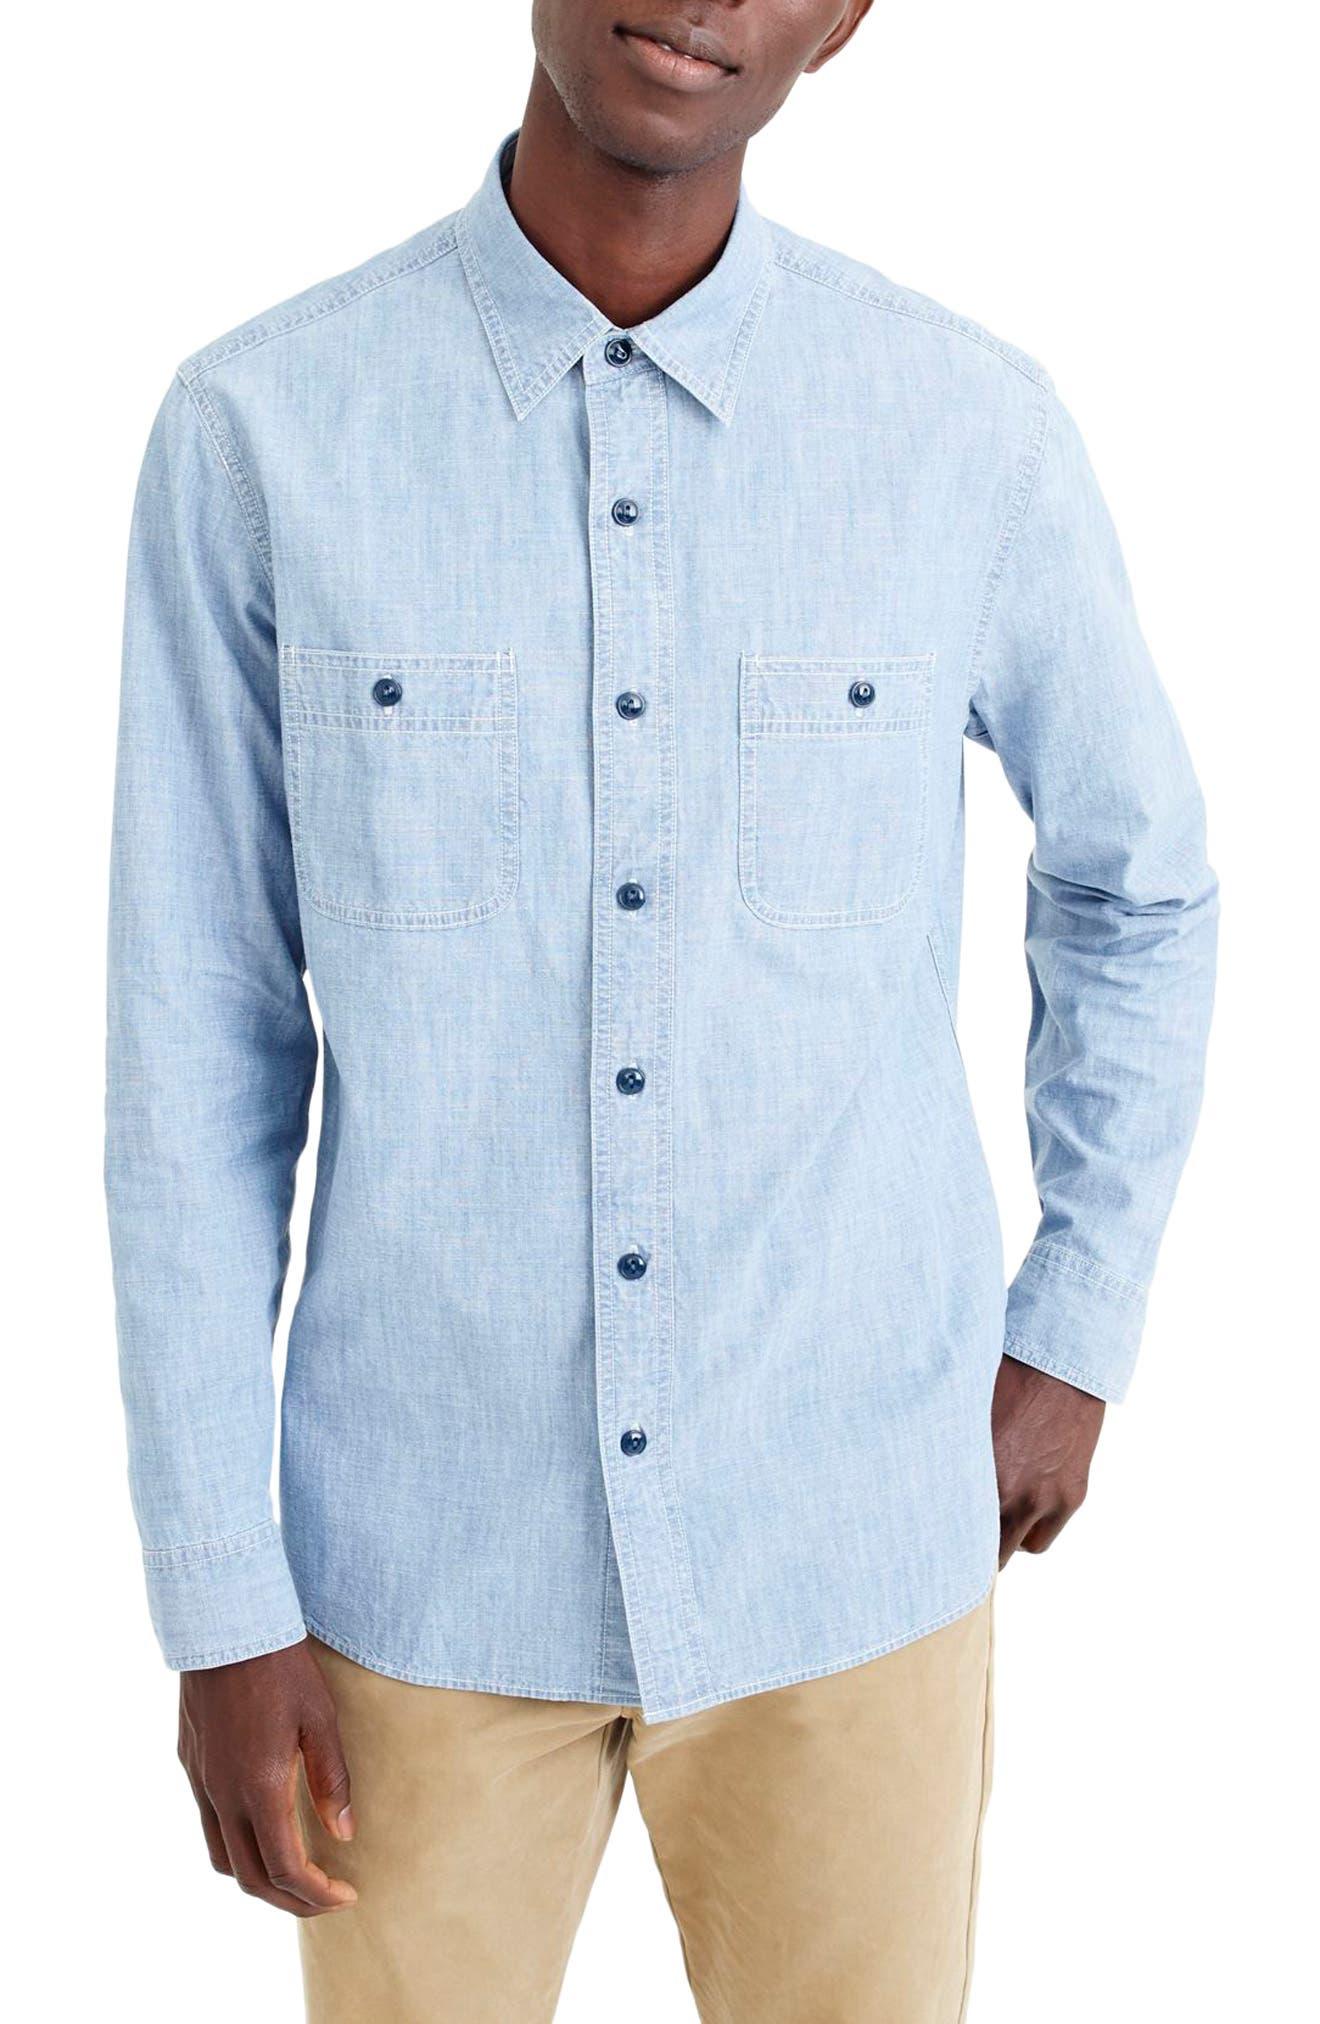 Wallace & Barnes Chambray Work Shirt,                         Main,                         color, 409